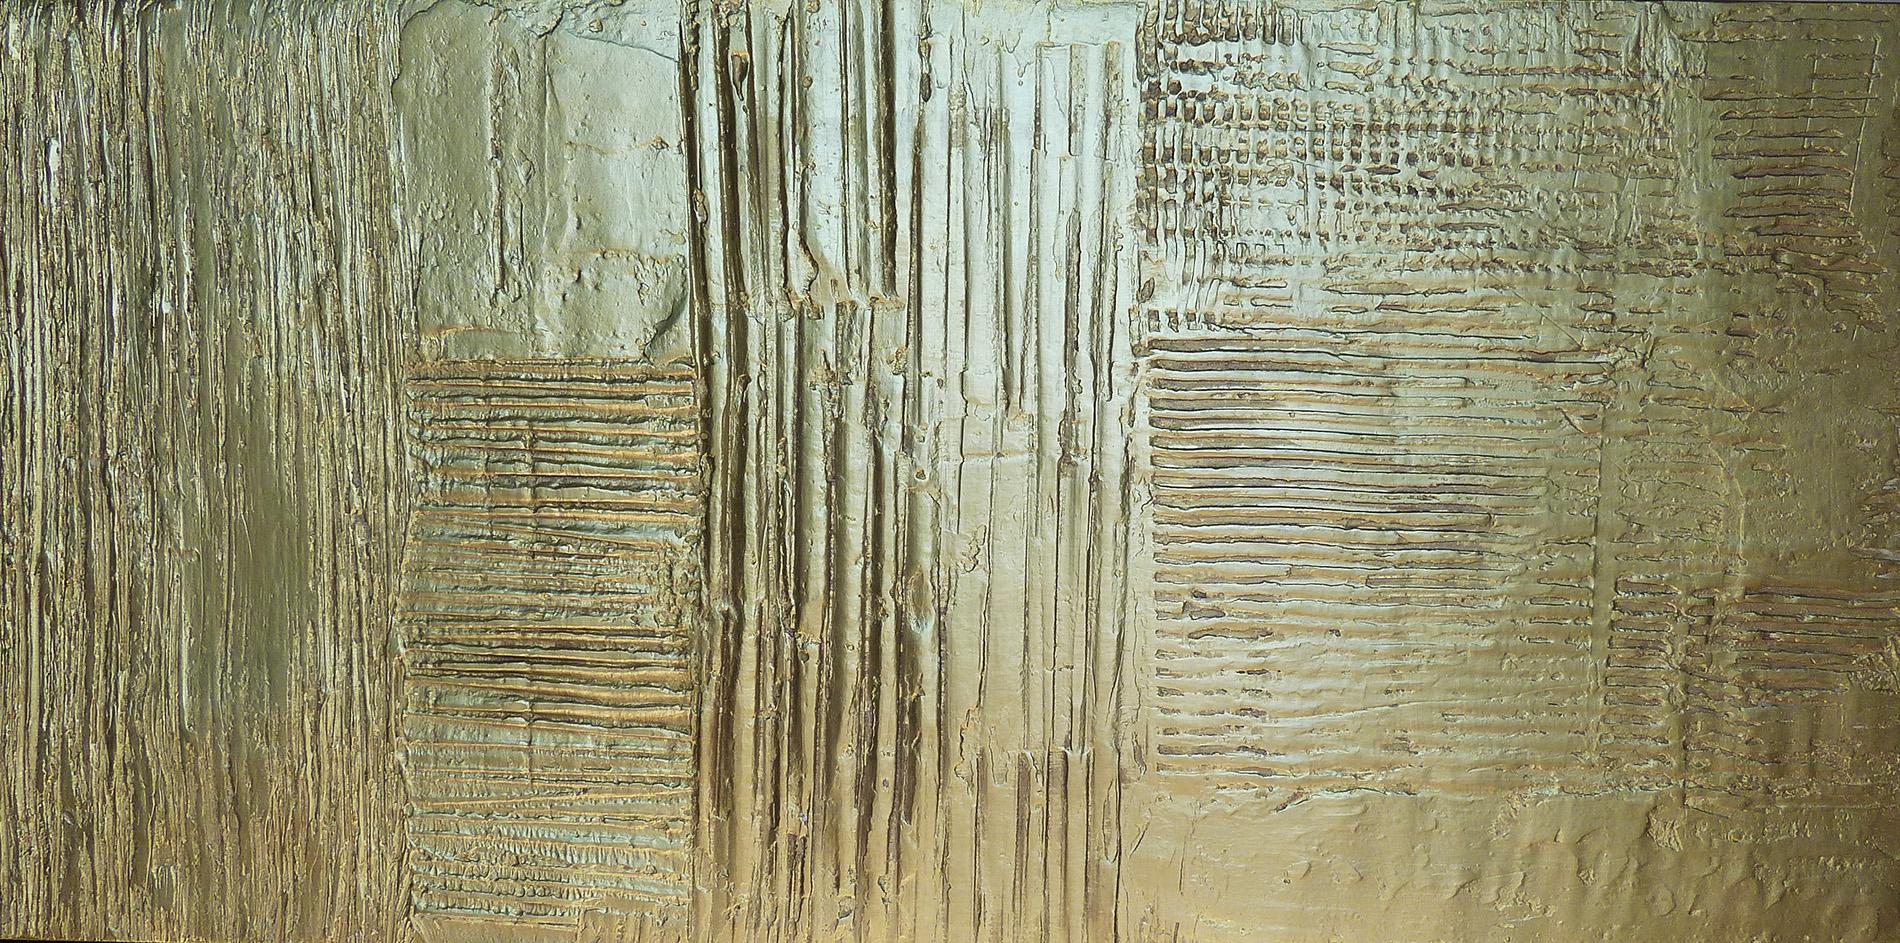 arature oro Austria, arature, archetipo, astrazione organica, bassorilievo, bronzatura con reagenti, culto della Madre Terra, gesso modellato, graffiti, organica, patinatura bronzo, graffiti